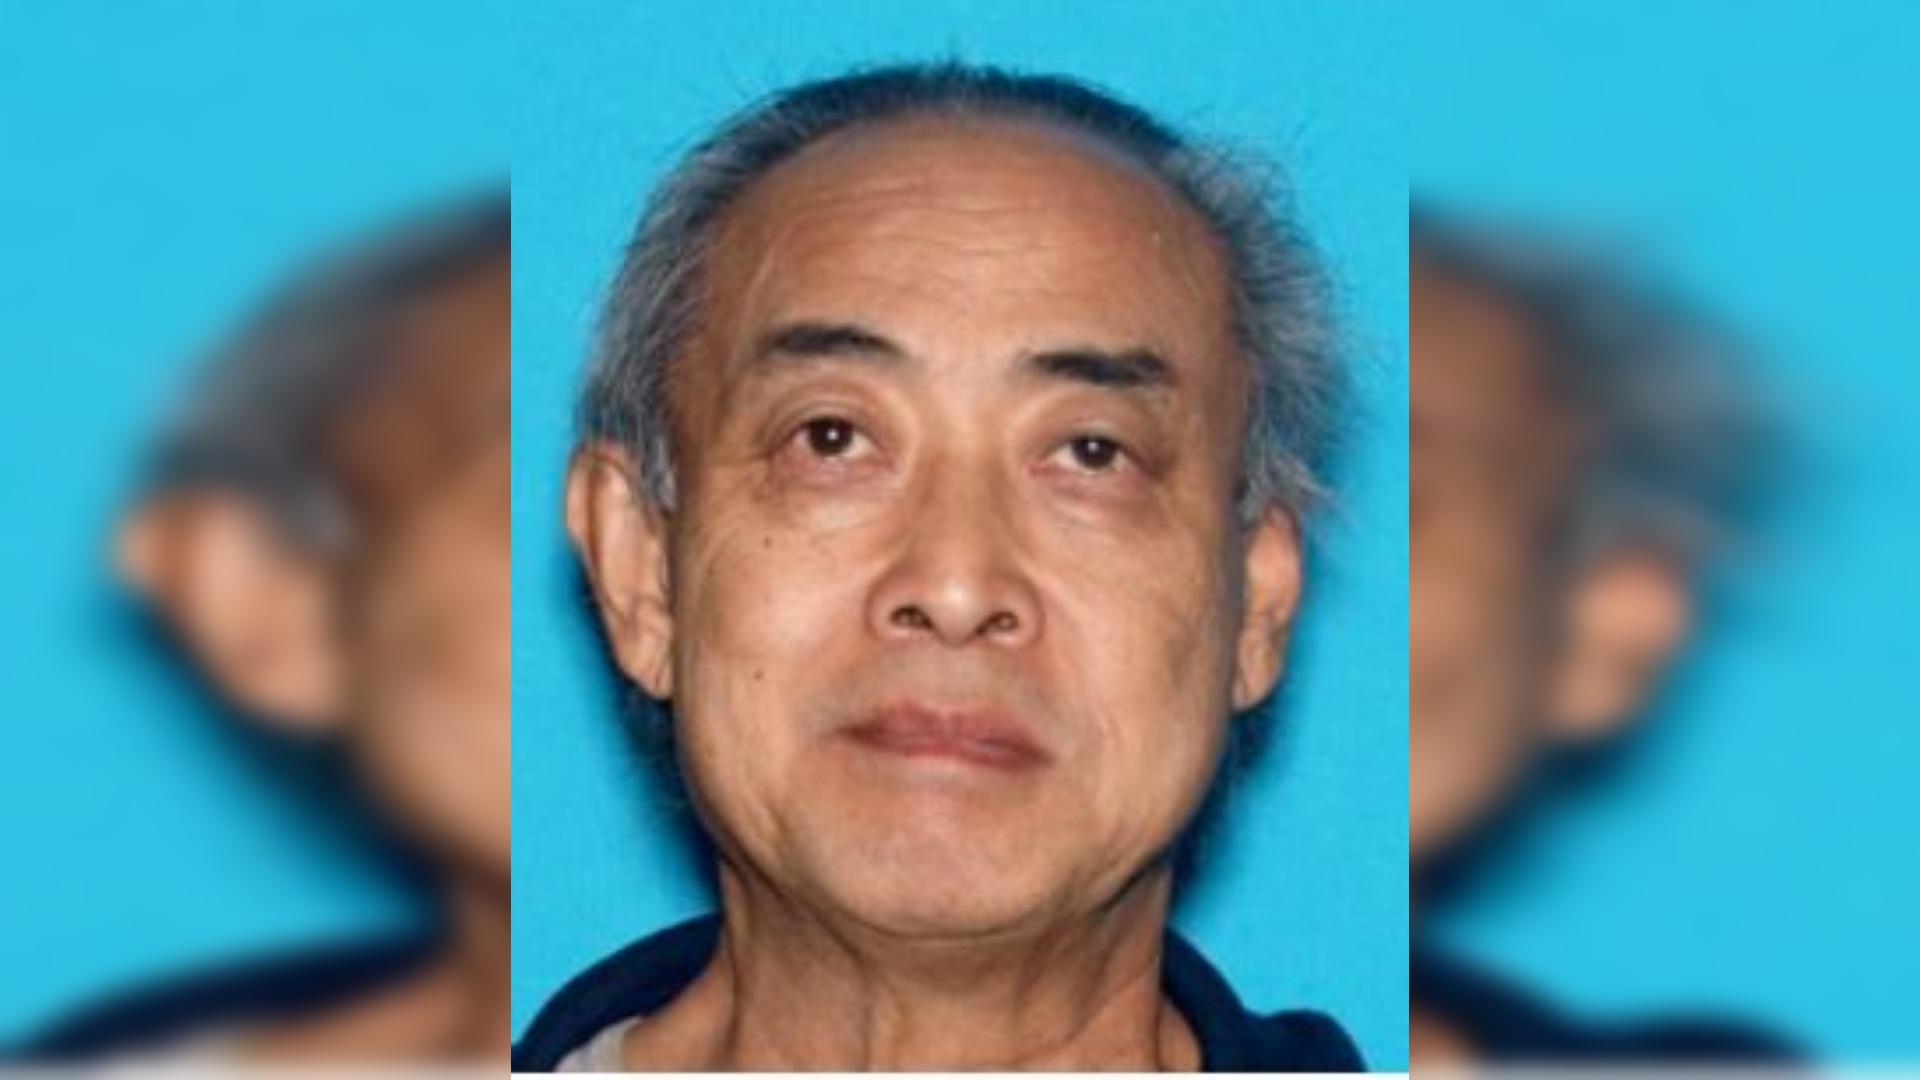 71-year-old Ronald Nagata